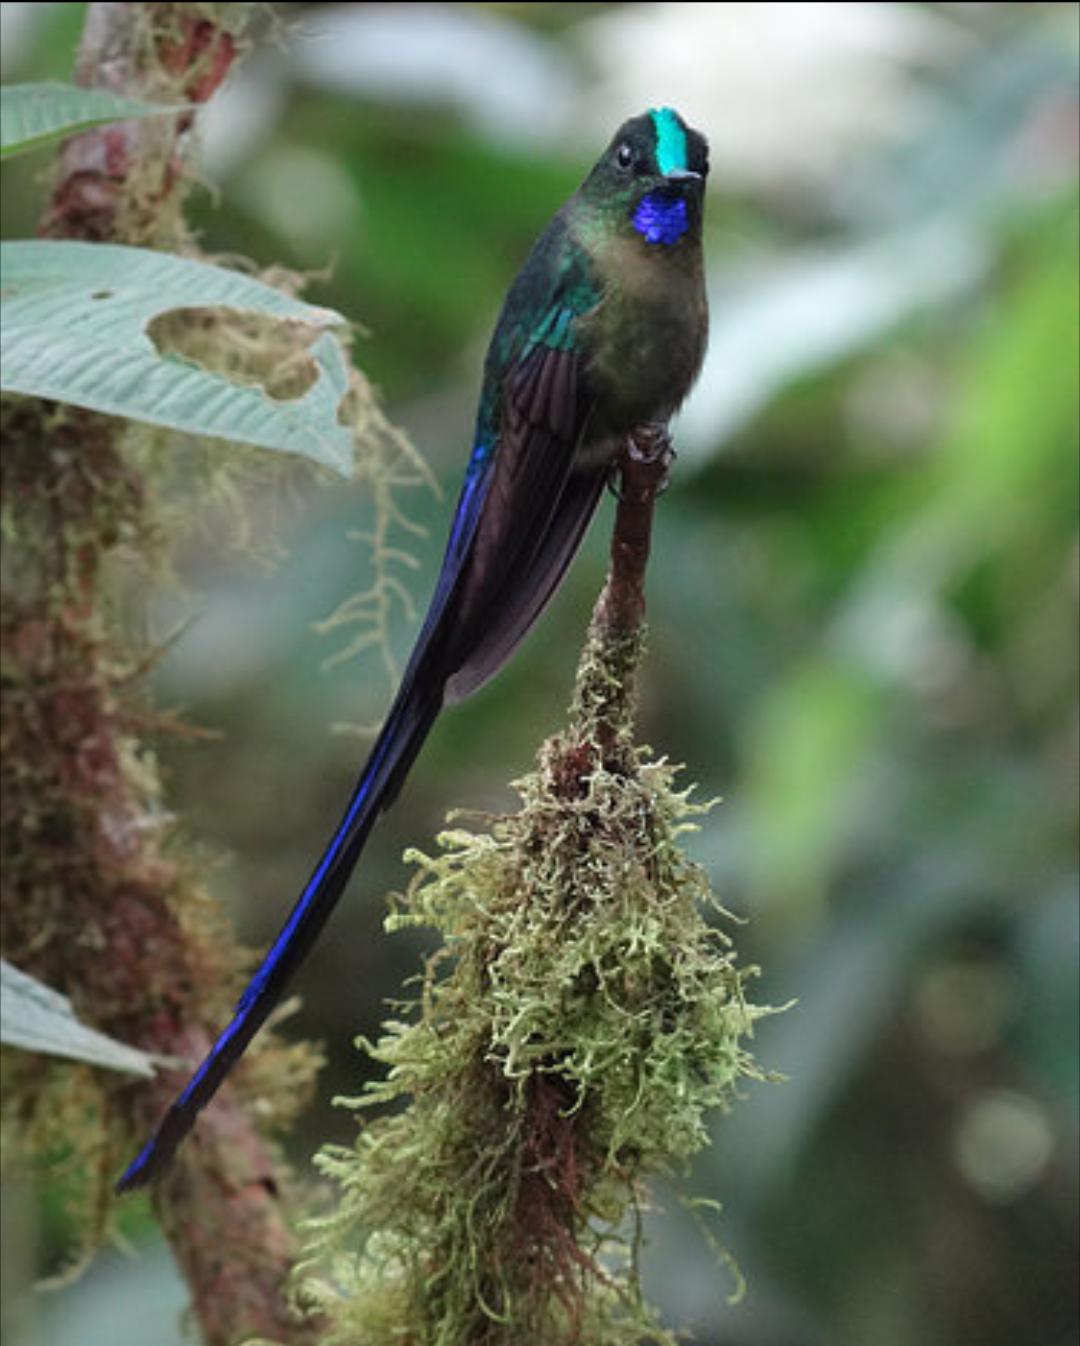 Suara Burung Kolibri Manggar : suara, burung, kolibri, manggar, Categories, Fasrland